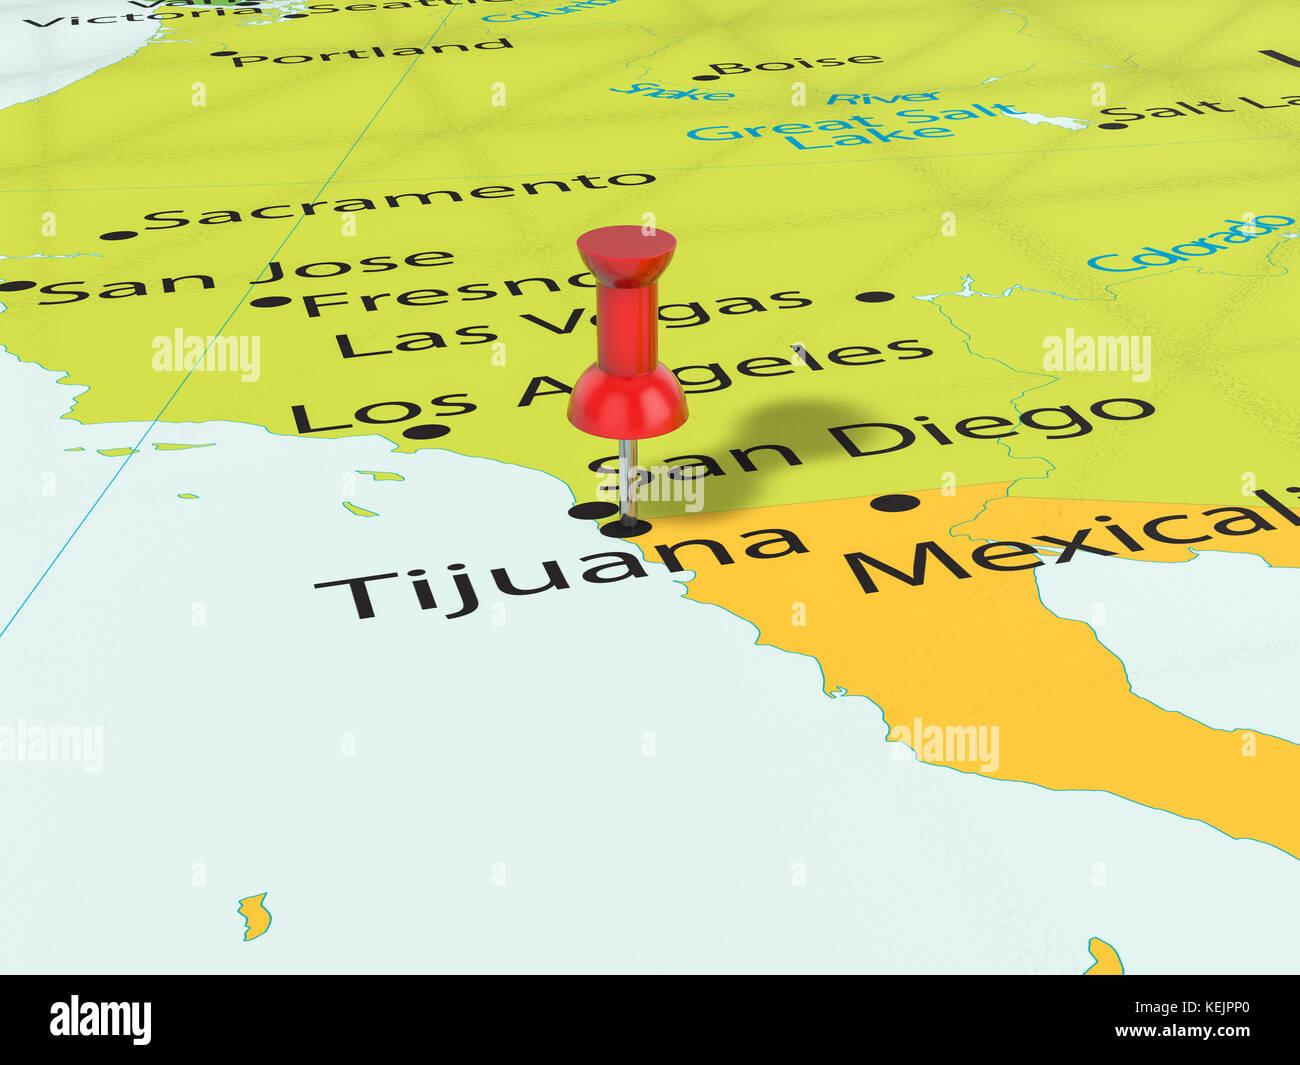 Tijuana city stock photos tijuana city stock images alamy pushpin on tijuana map background 3d illustration stock image sciox Images